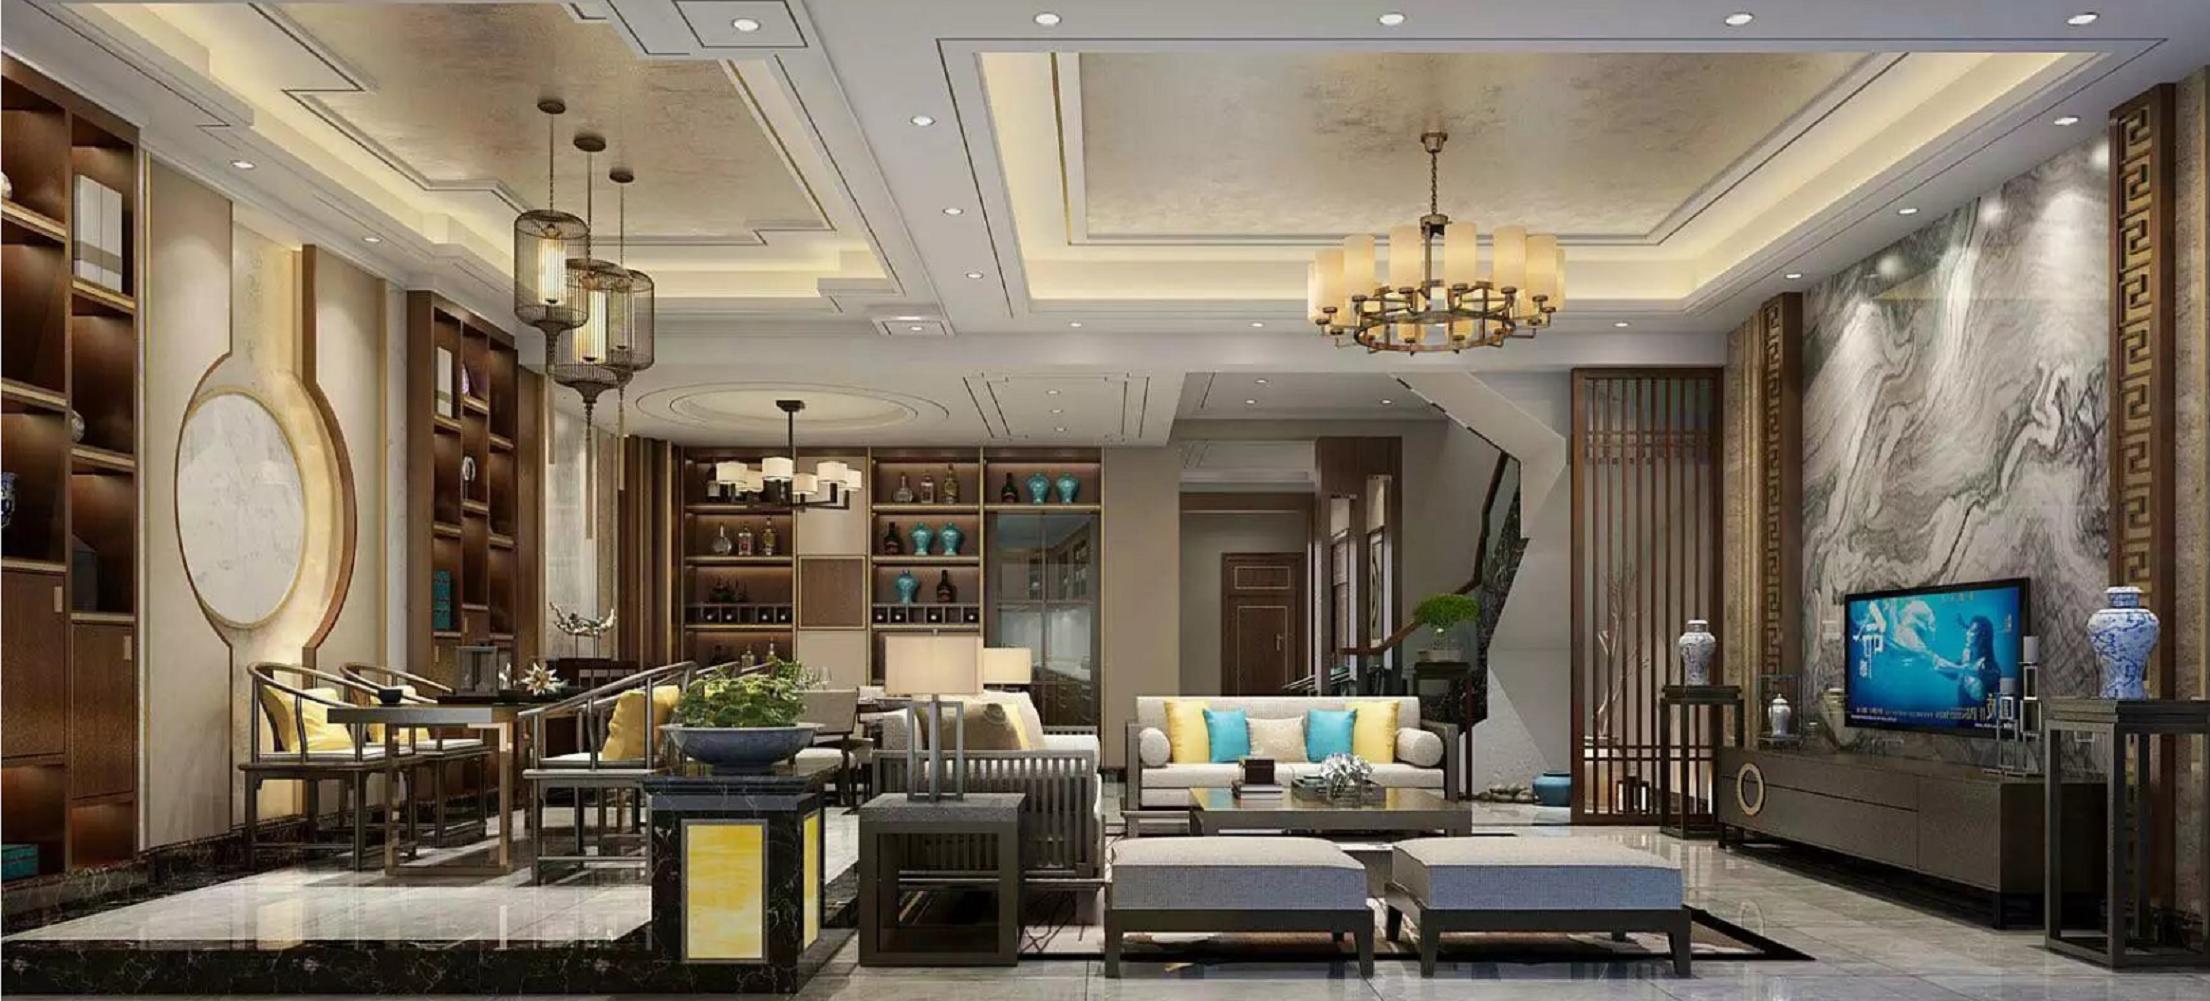 豪华中式装修客餐厅效果图